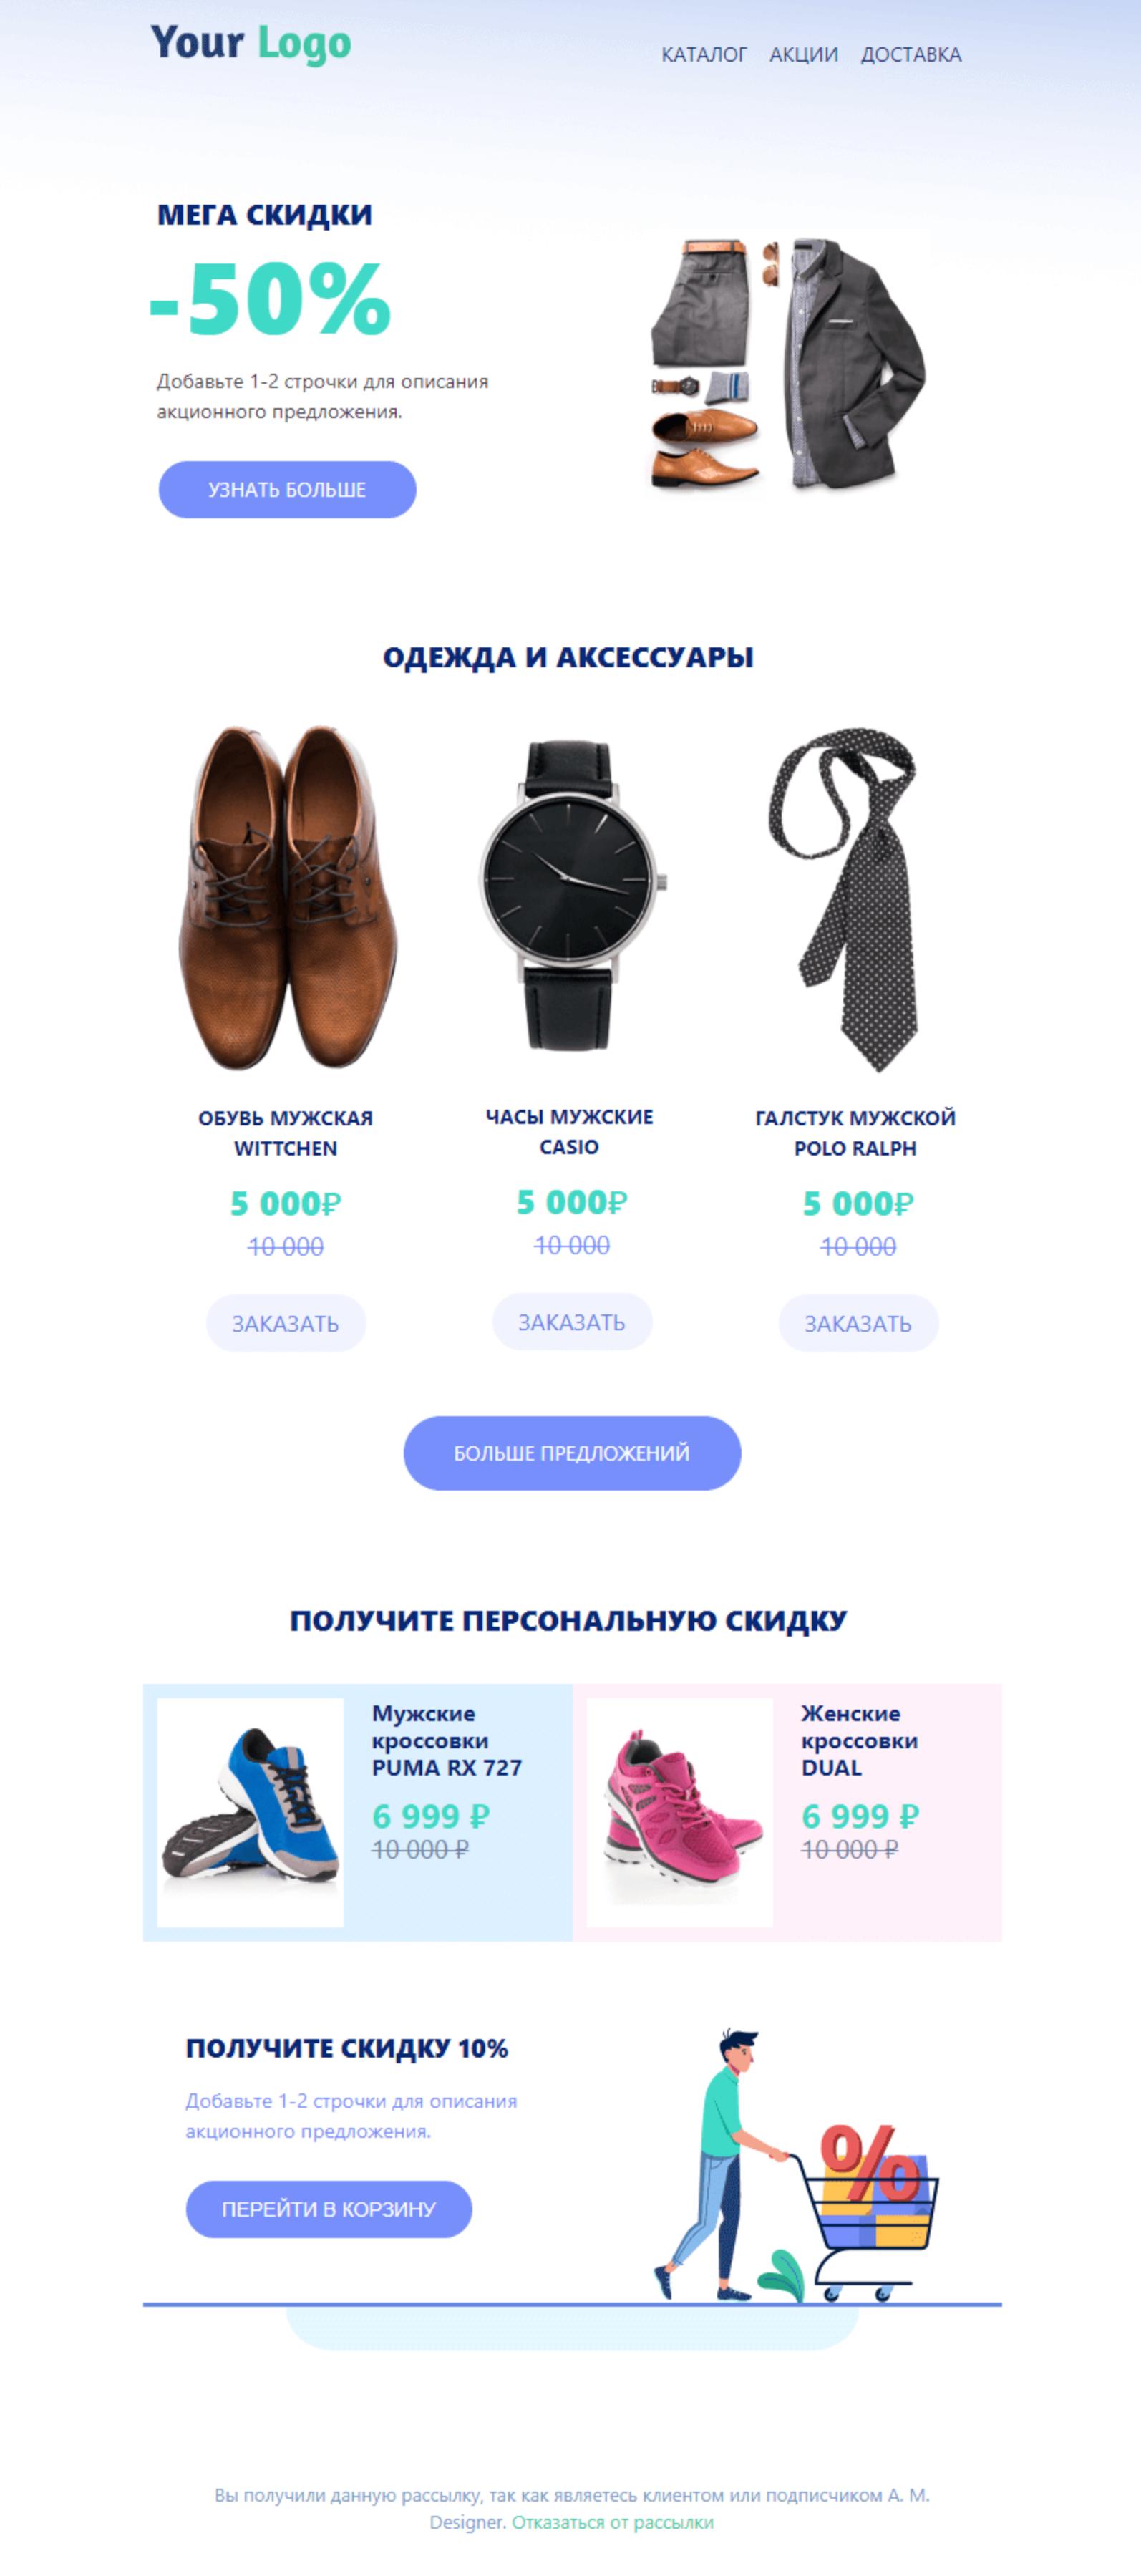 Шаблон SendPulse для интернет-магазина